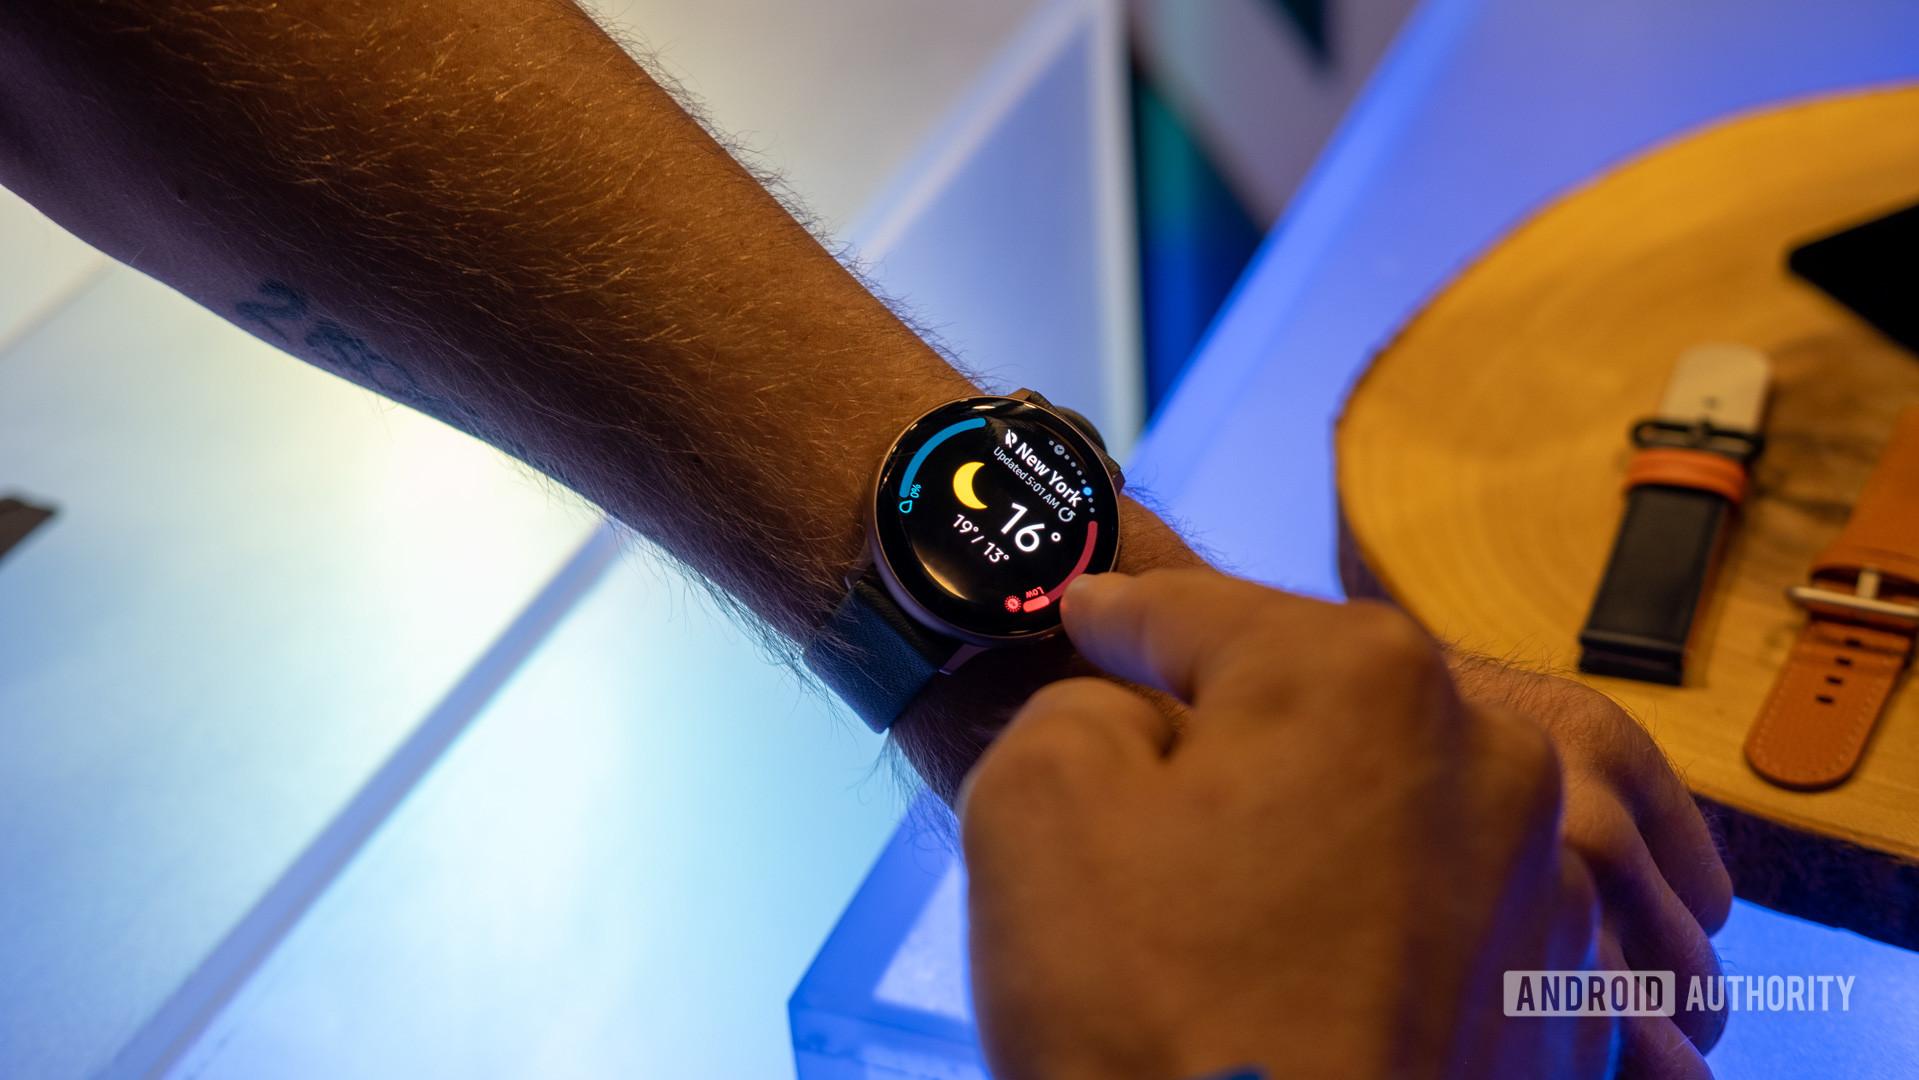 Samsung Galaxy Watch Active 2 on wrist 5